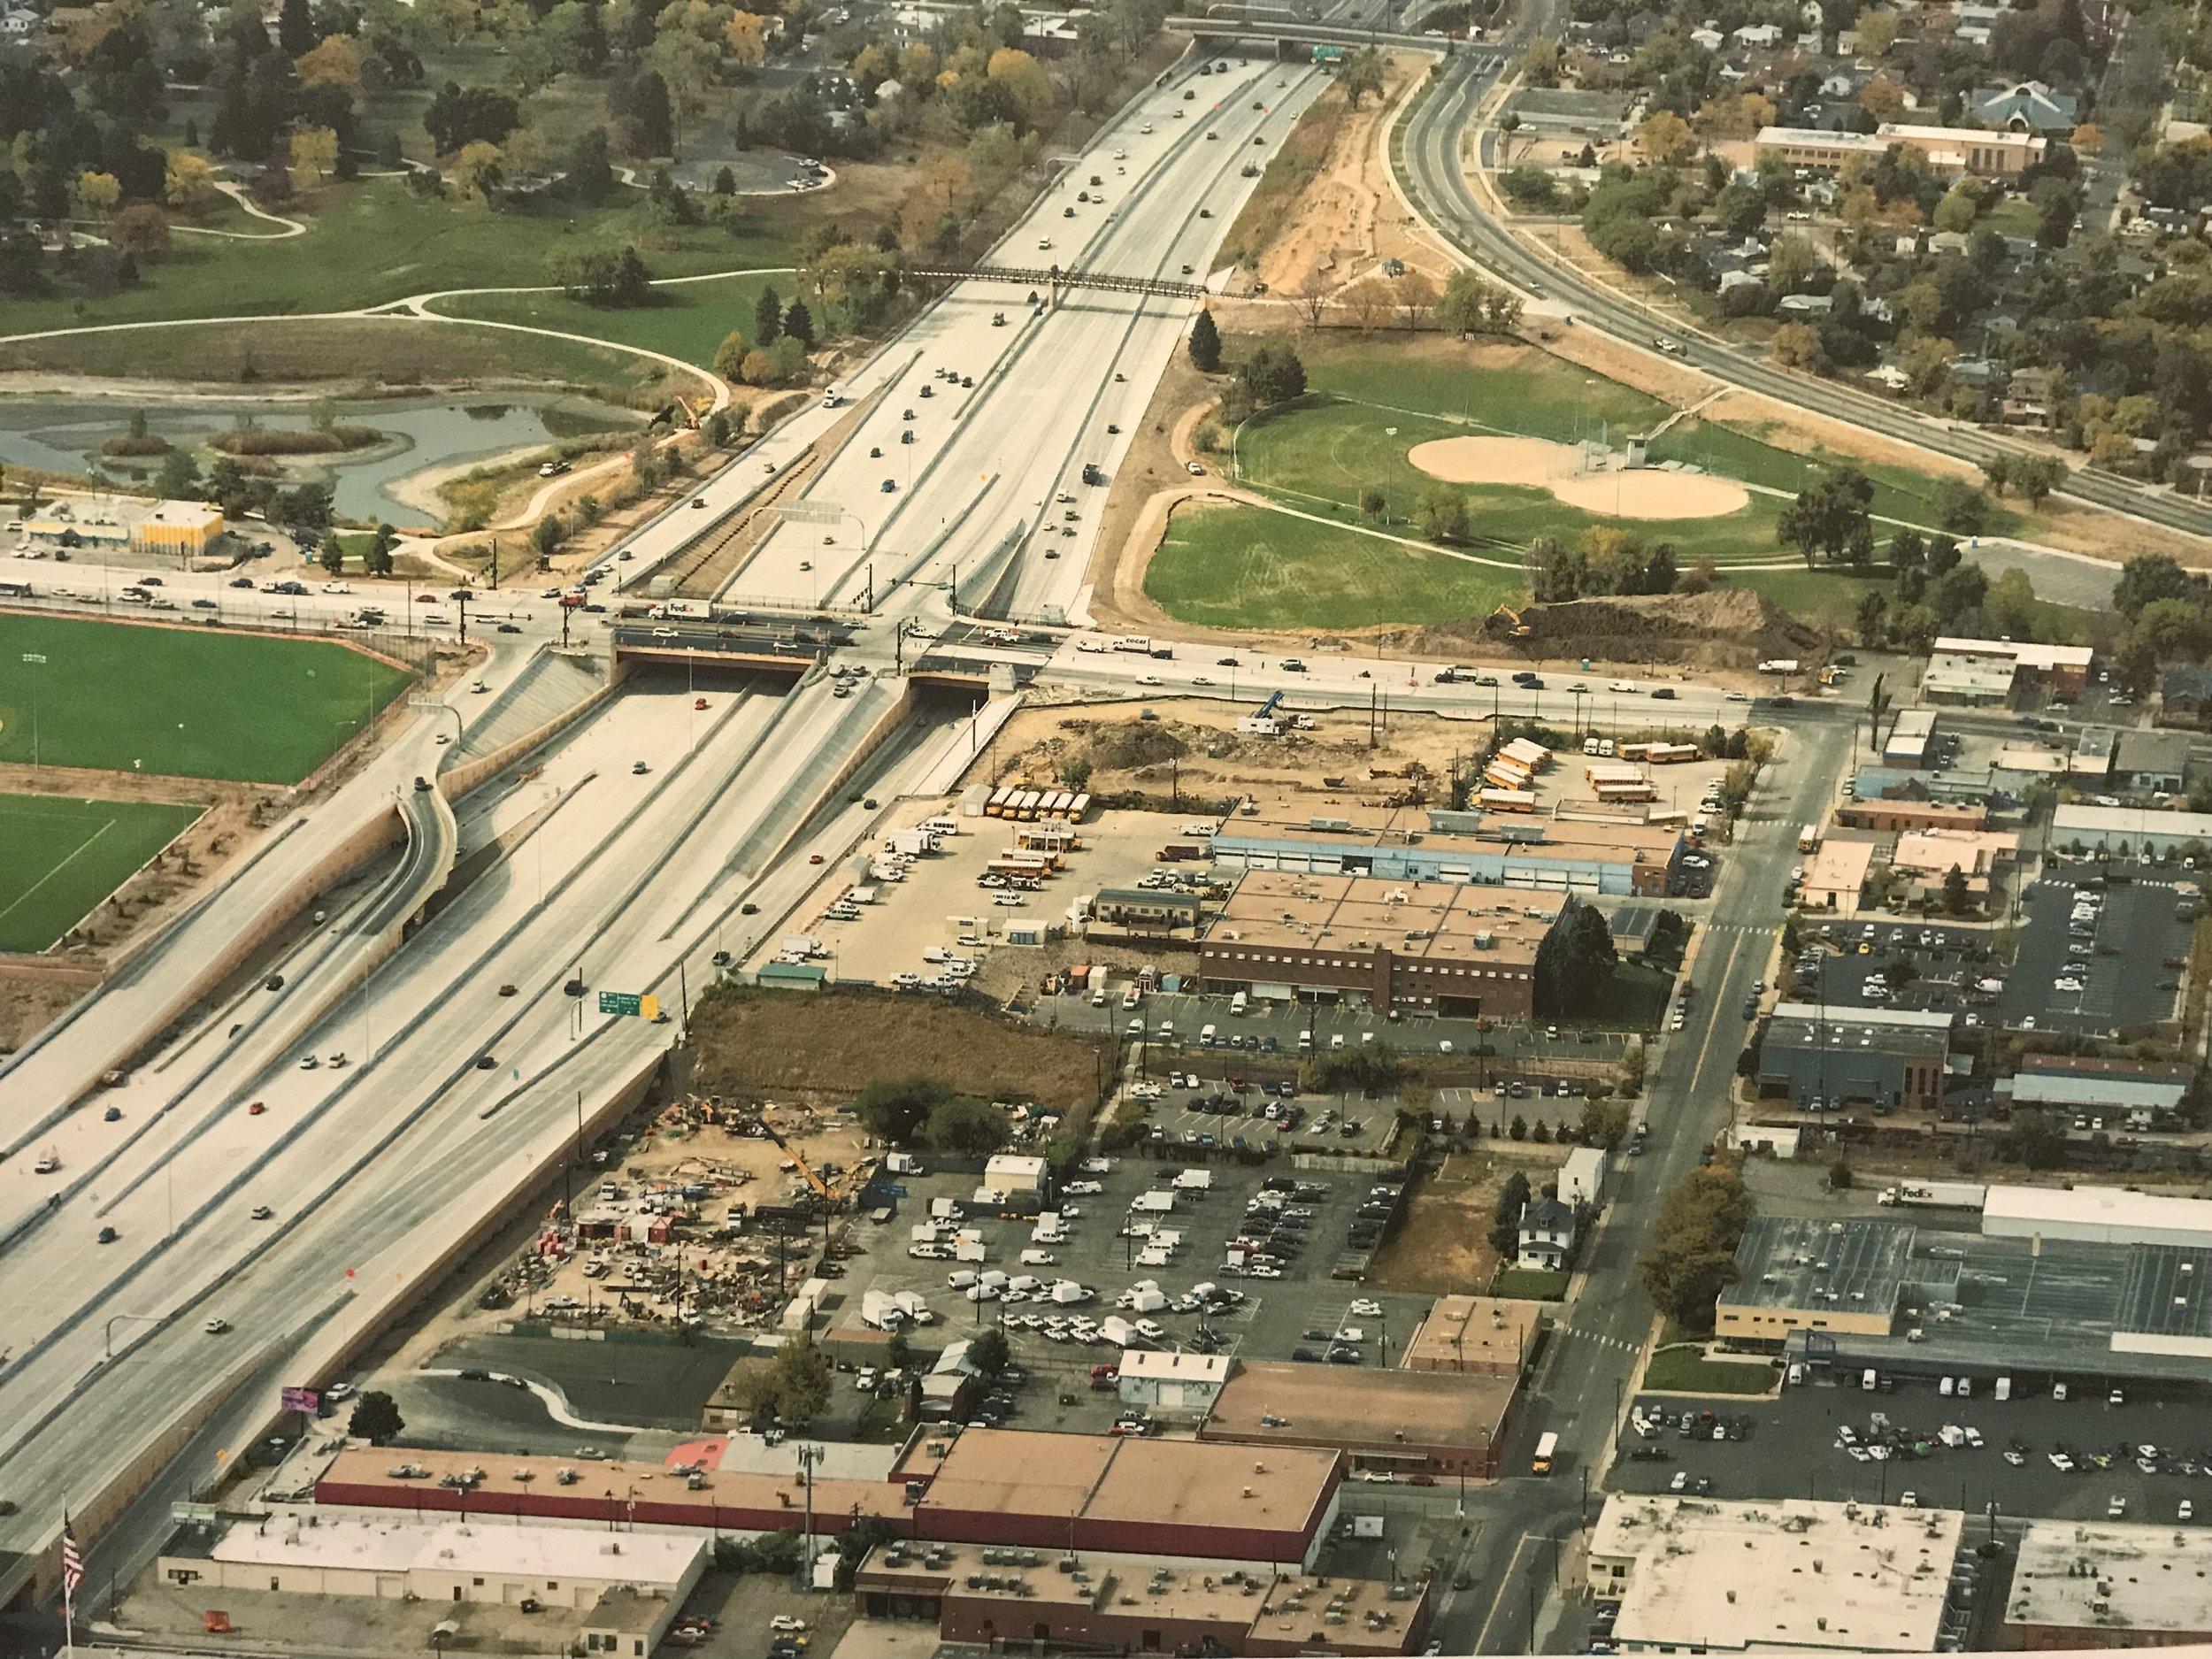 6 St. Bridges aerial.jpeg